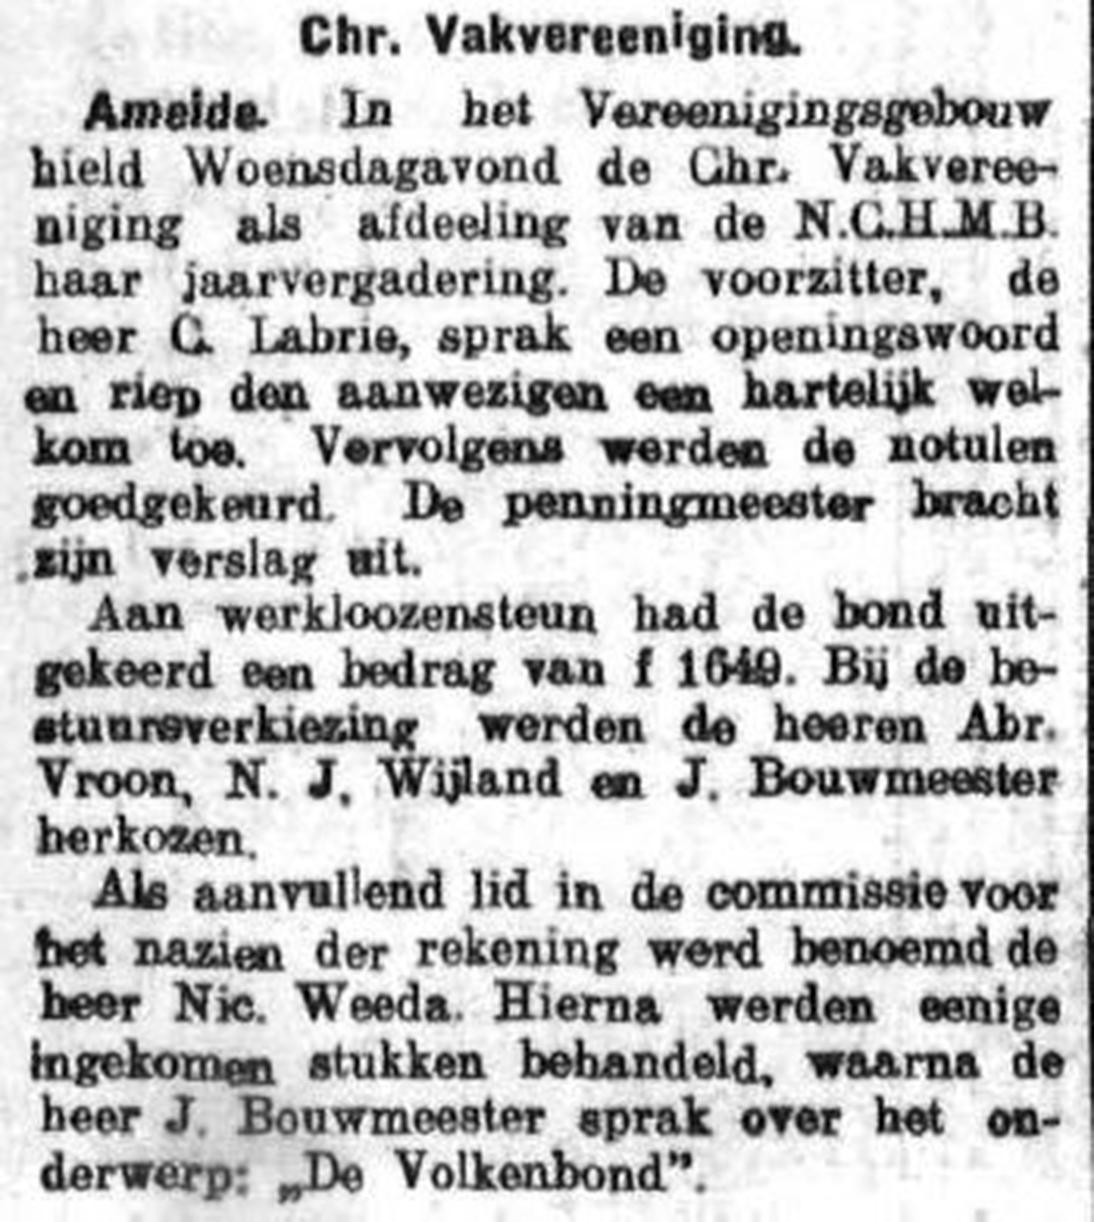 Schoonhovensche Courant 07773 1937-02-17 artikel 02